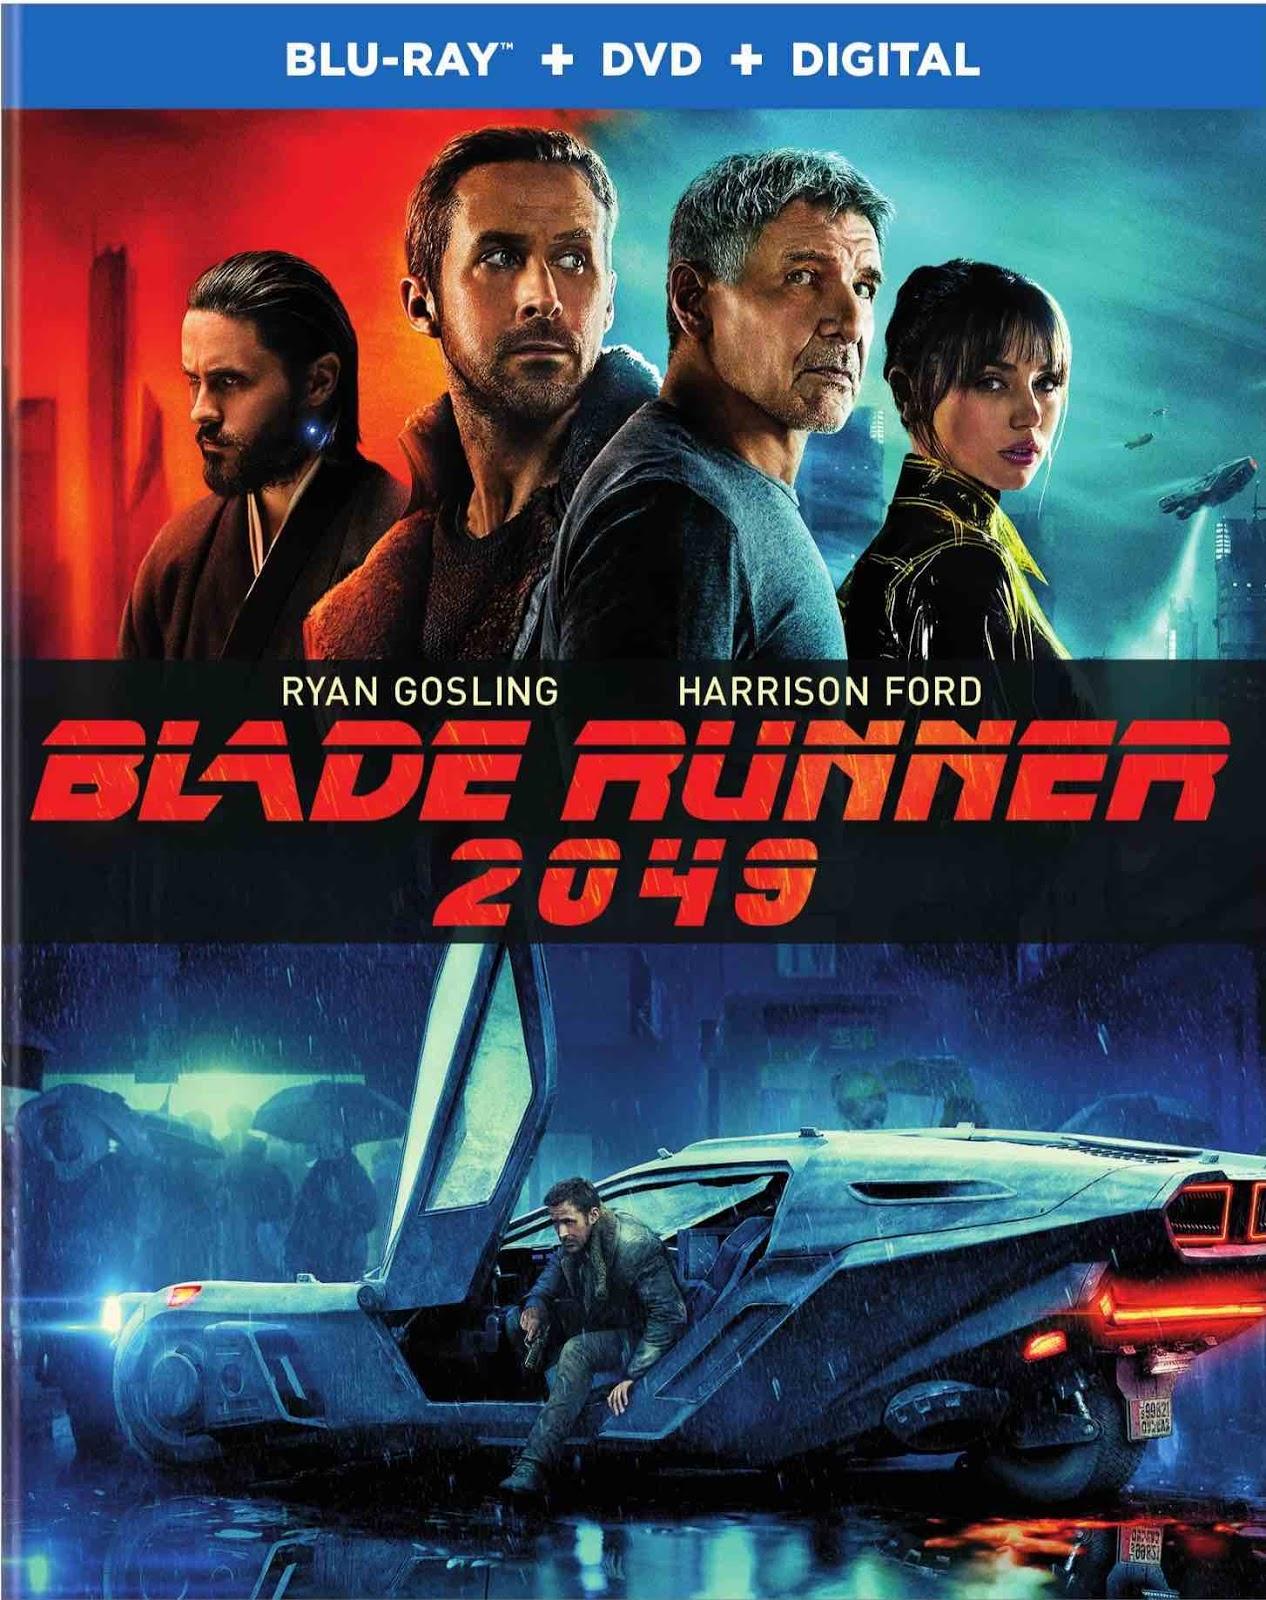 Blade Runner 2049 1080p BD25 LATINO